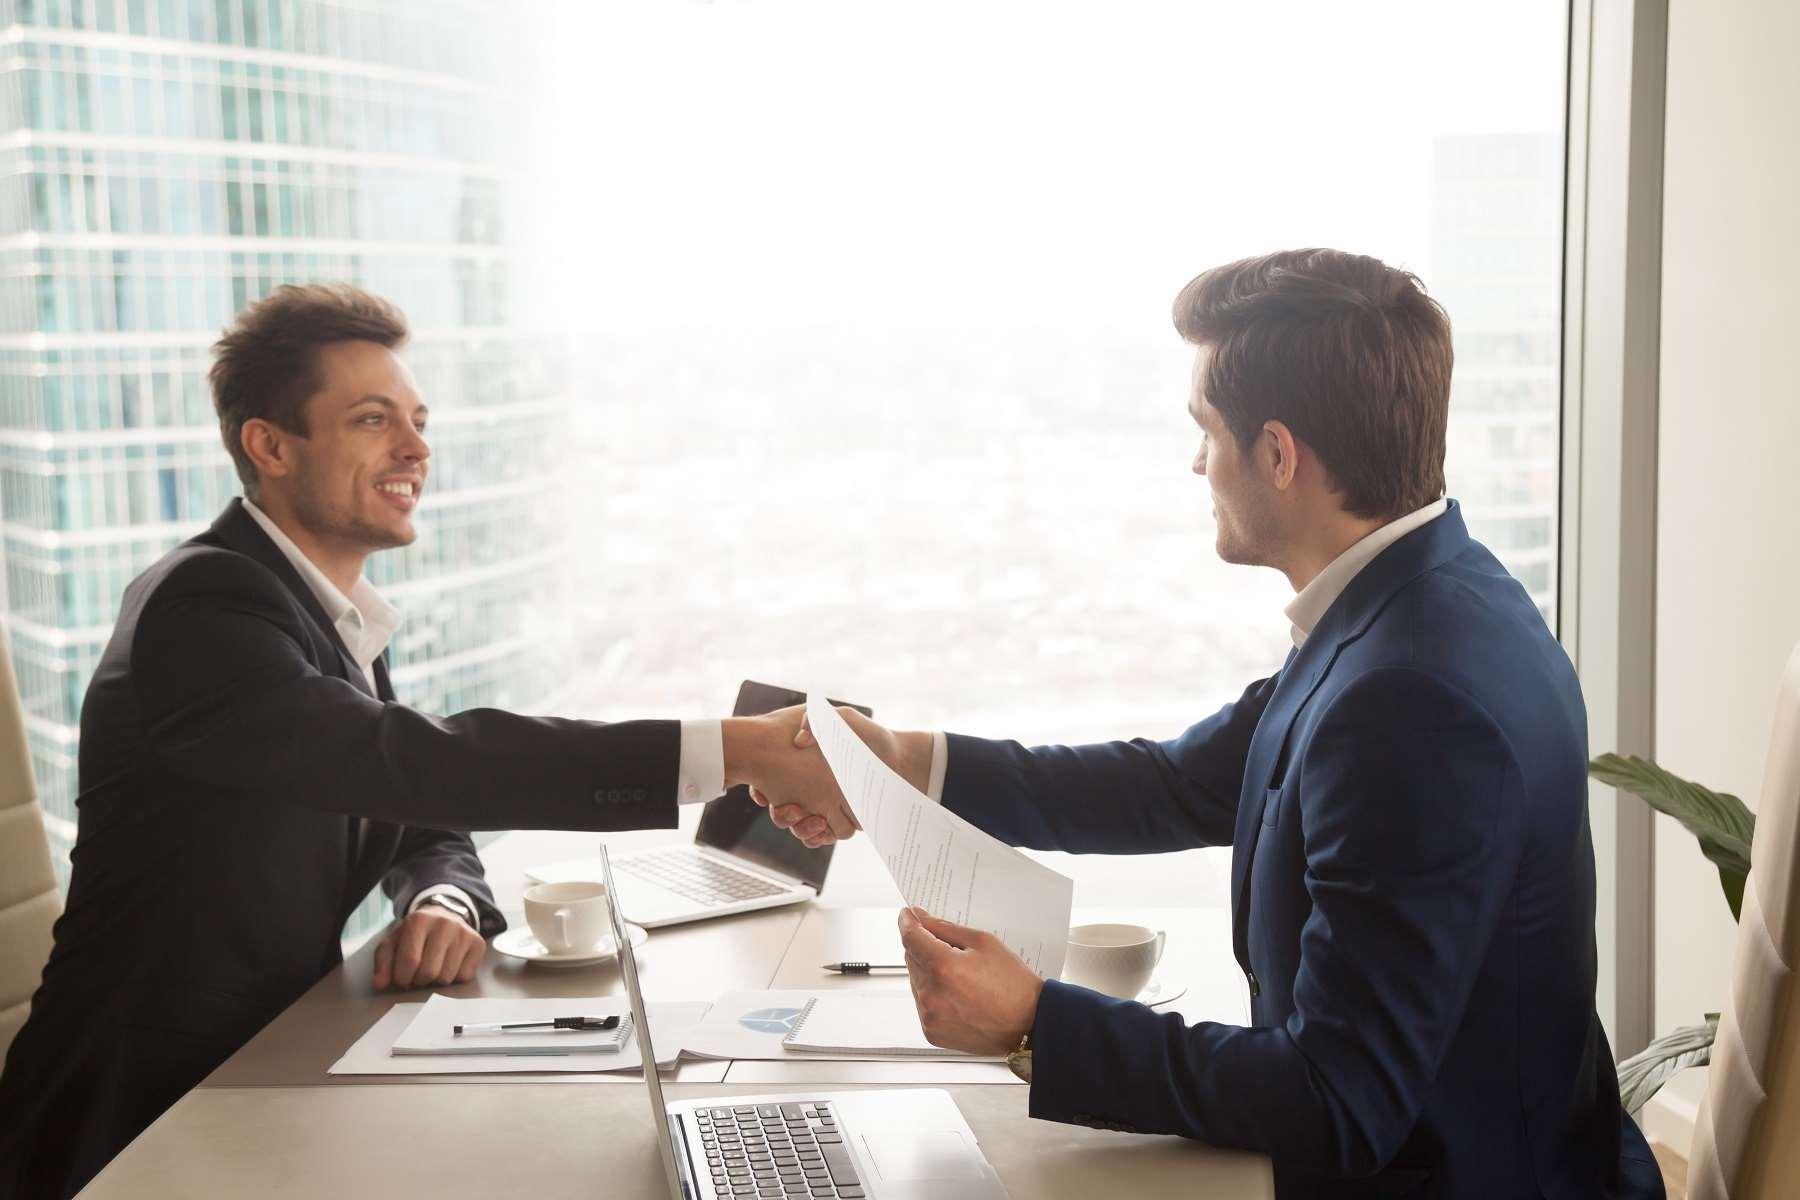 Umowa na czas nieokreślony – kiedy przysługuje pracownikowi?